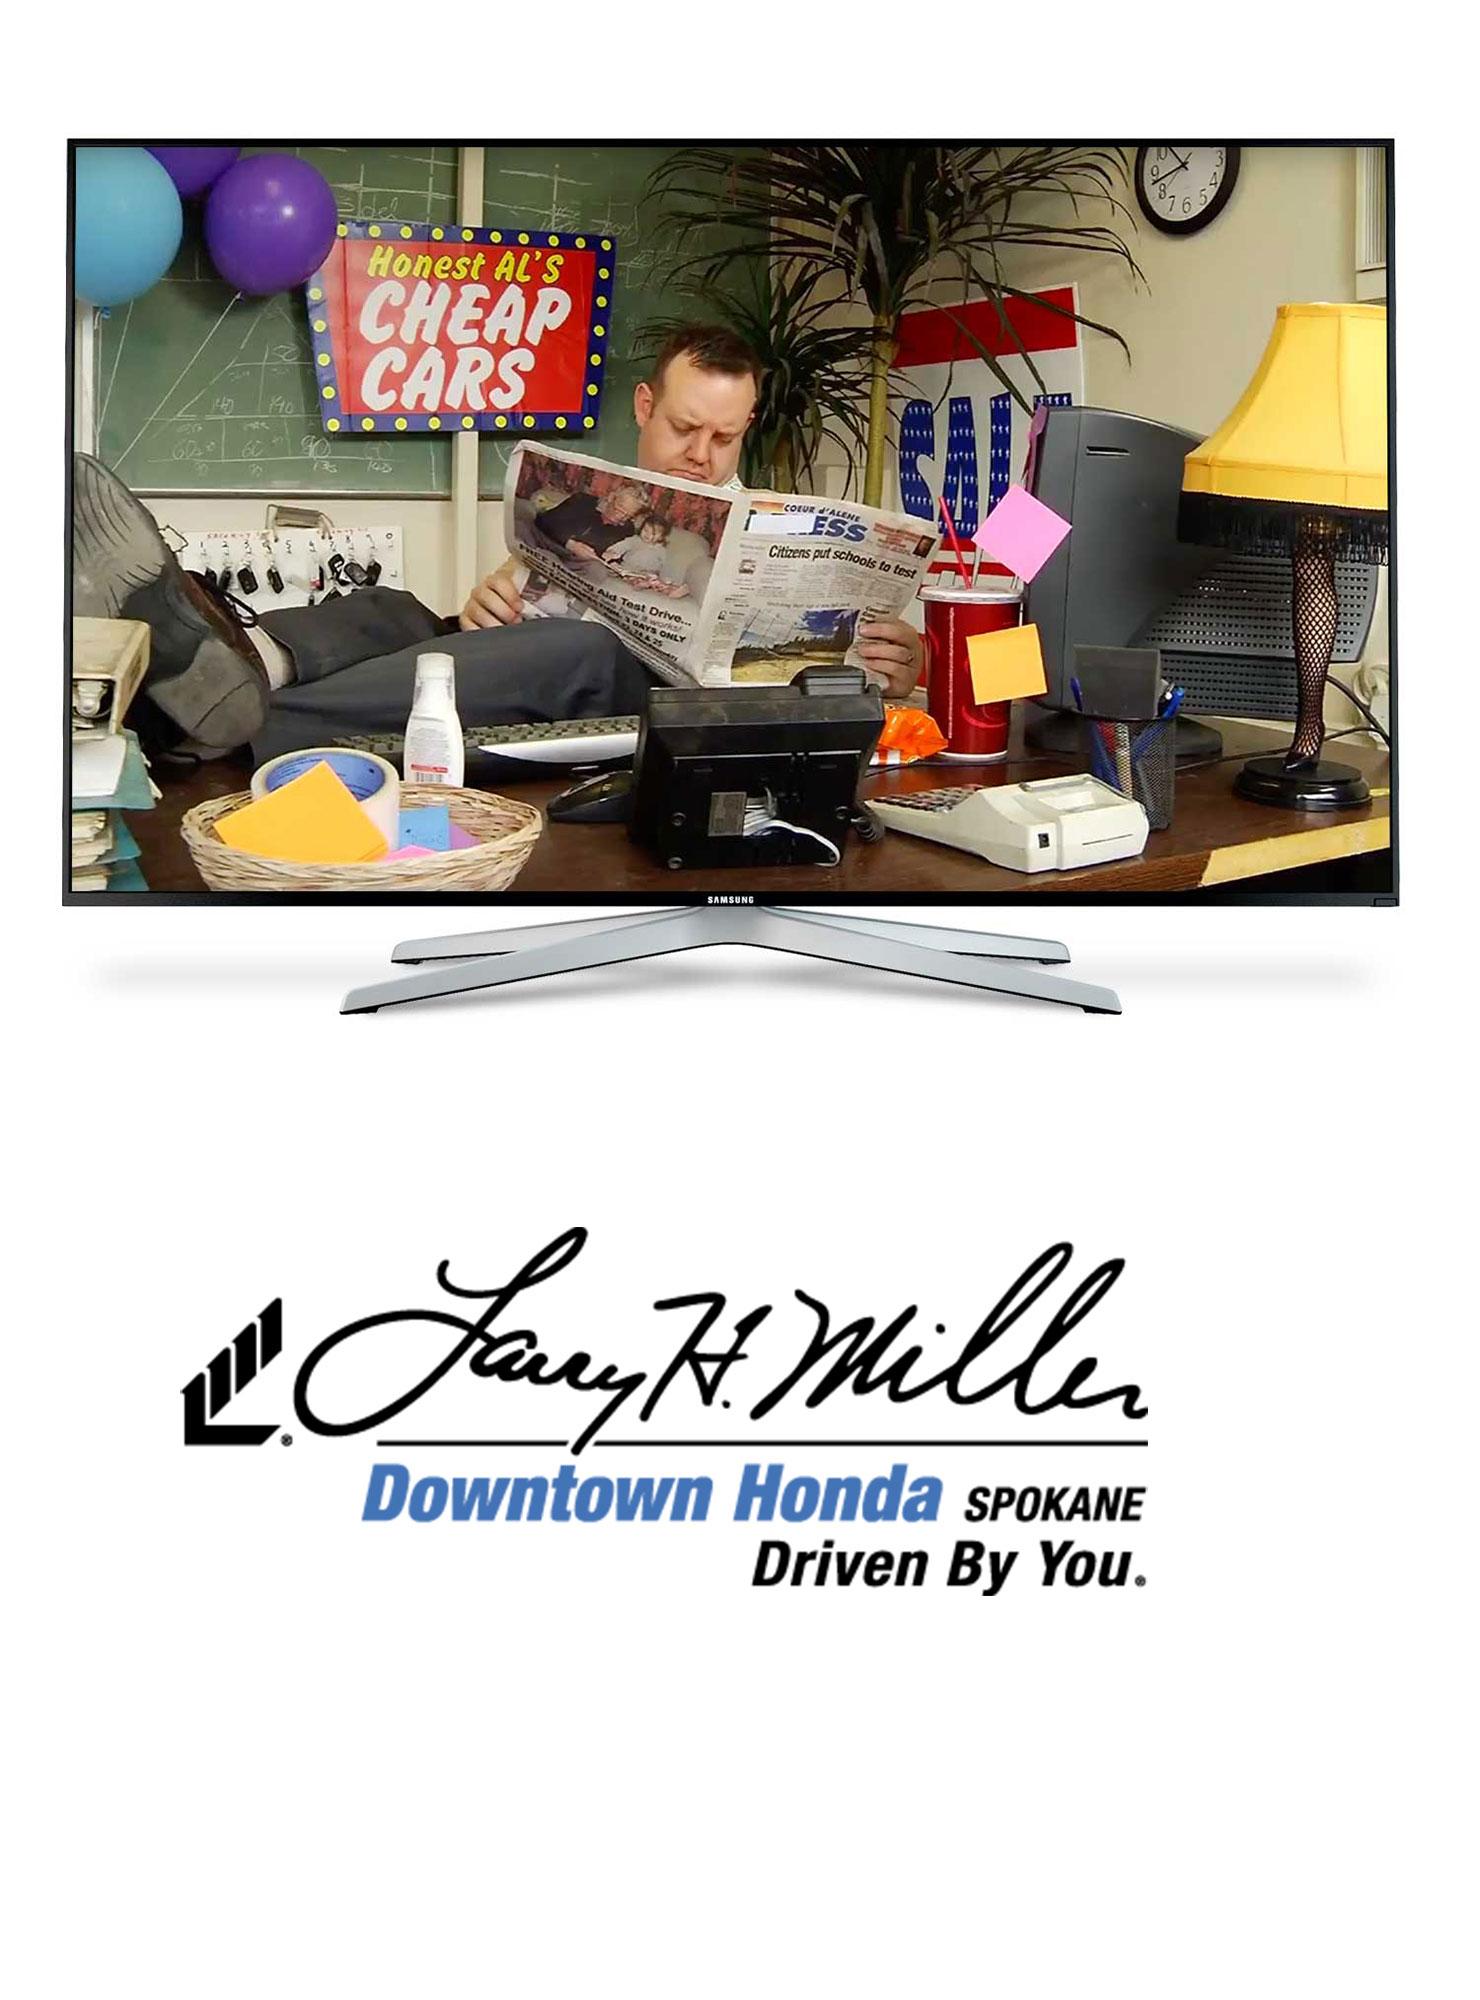 Larry H. Miller Honda